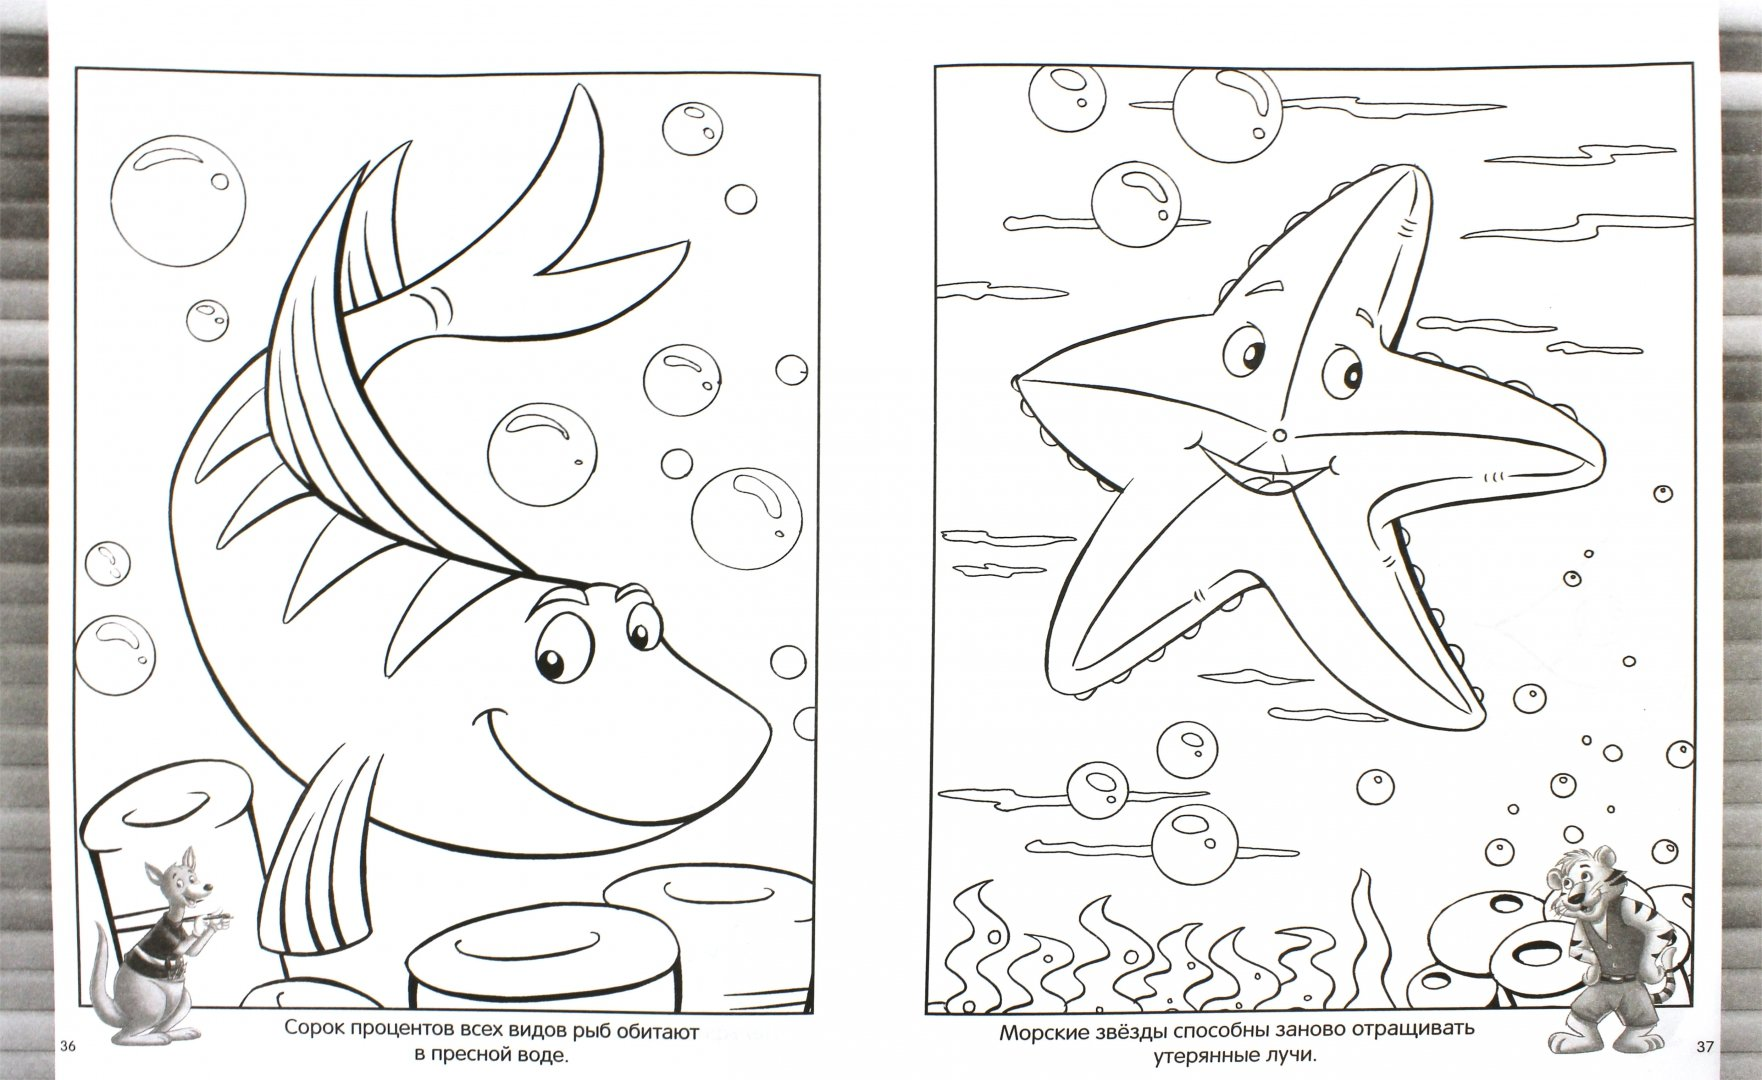 Картинки на морскую тему для детей раскраска, новым годом немецком